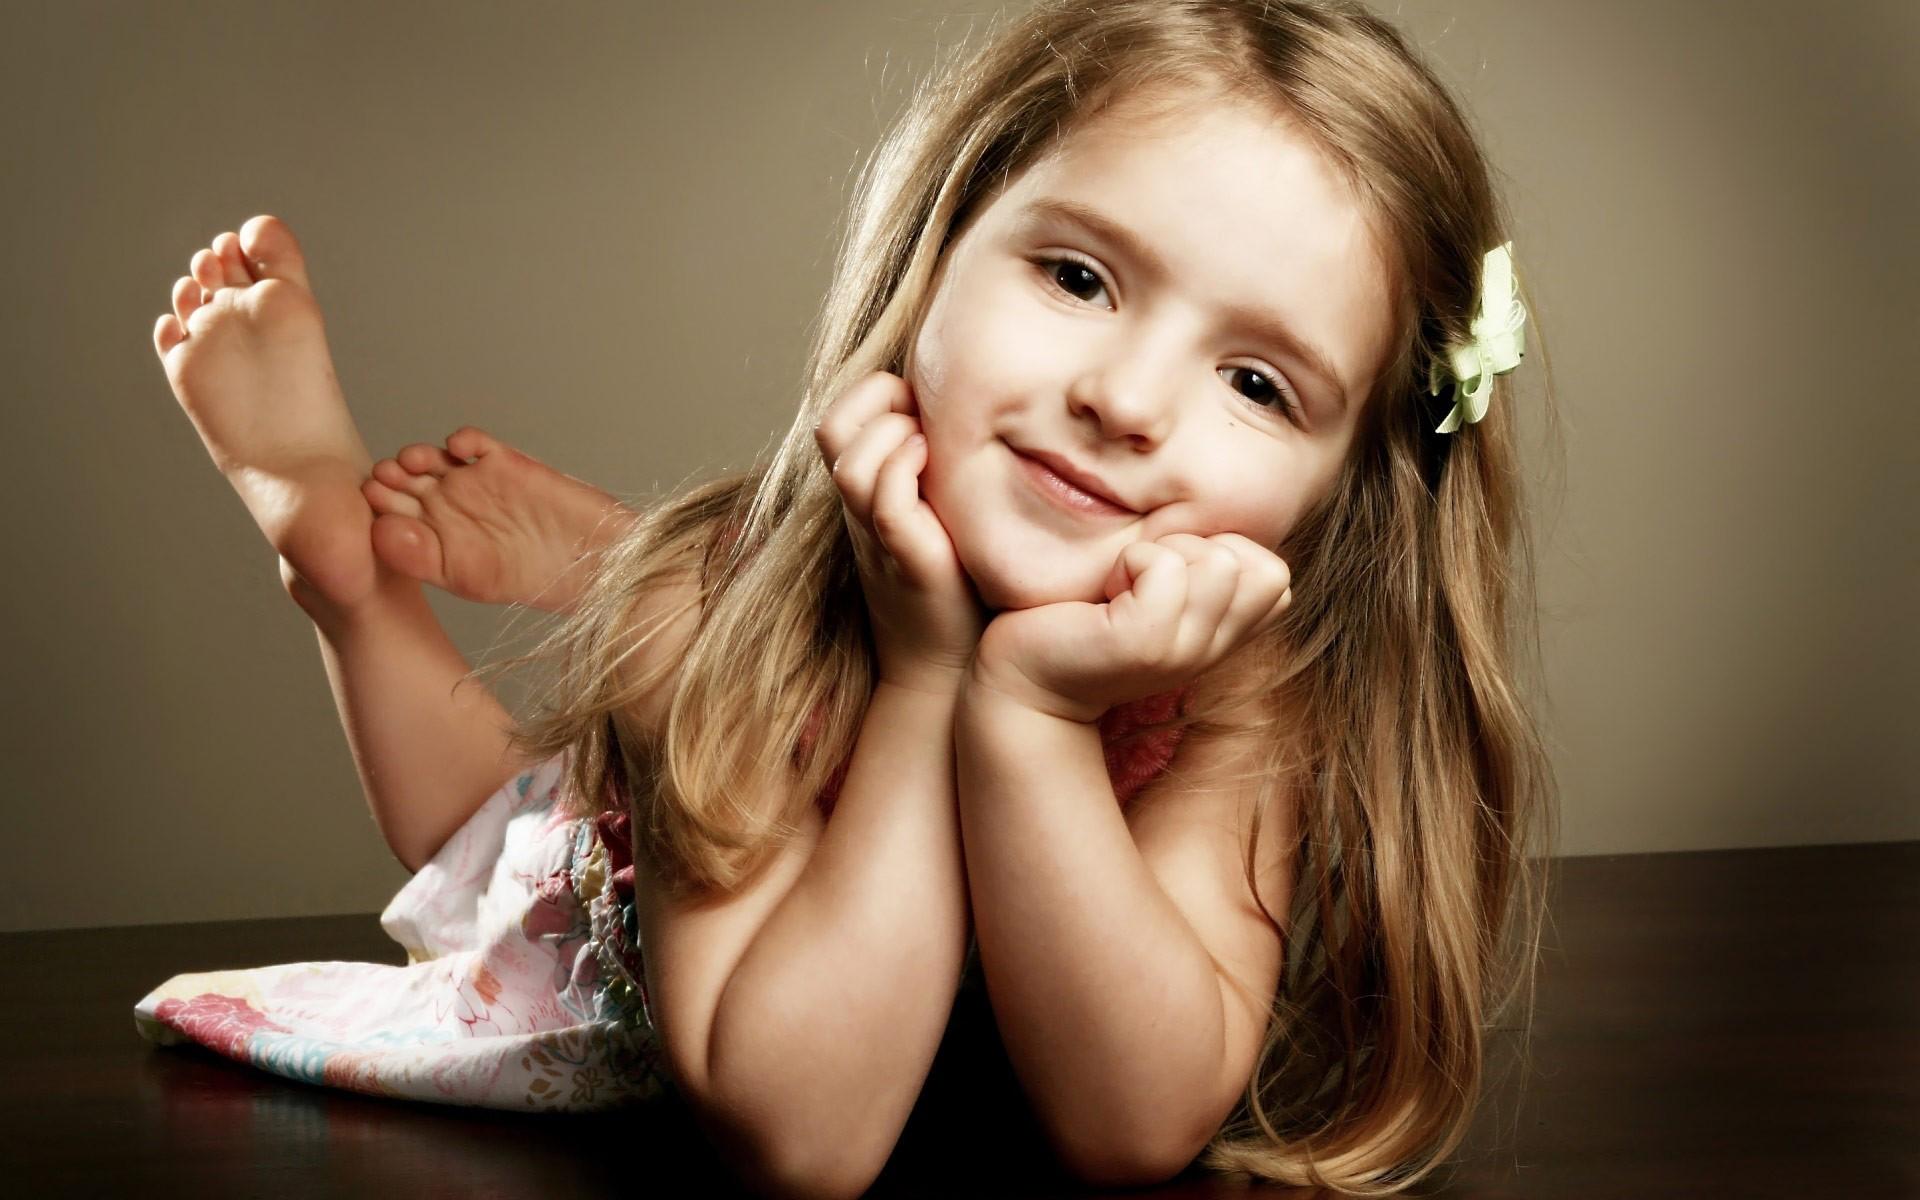 Фото маленькi пiськи, Фото молоденькой писи крупно Голые красотки 8 фотография